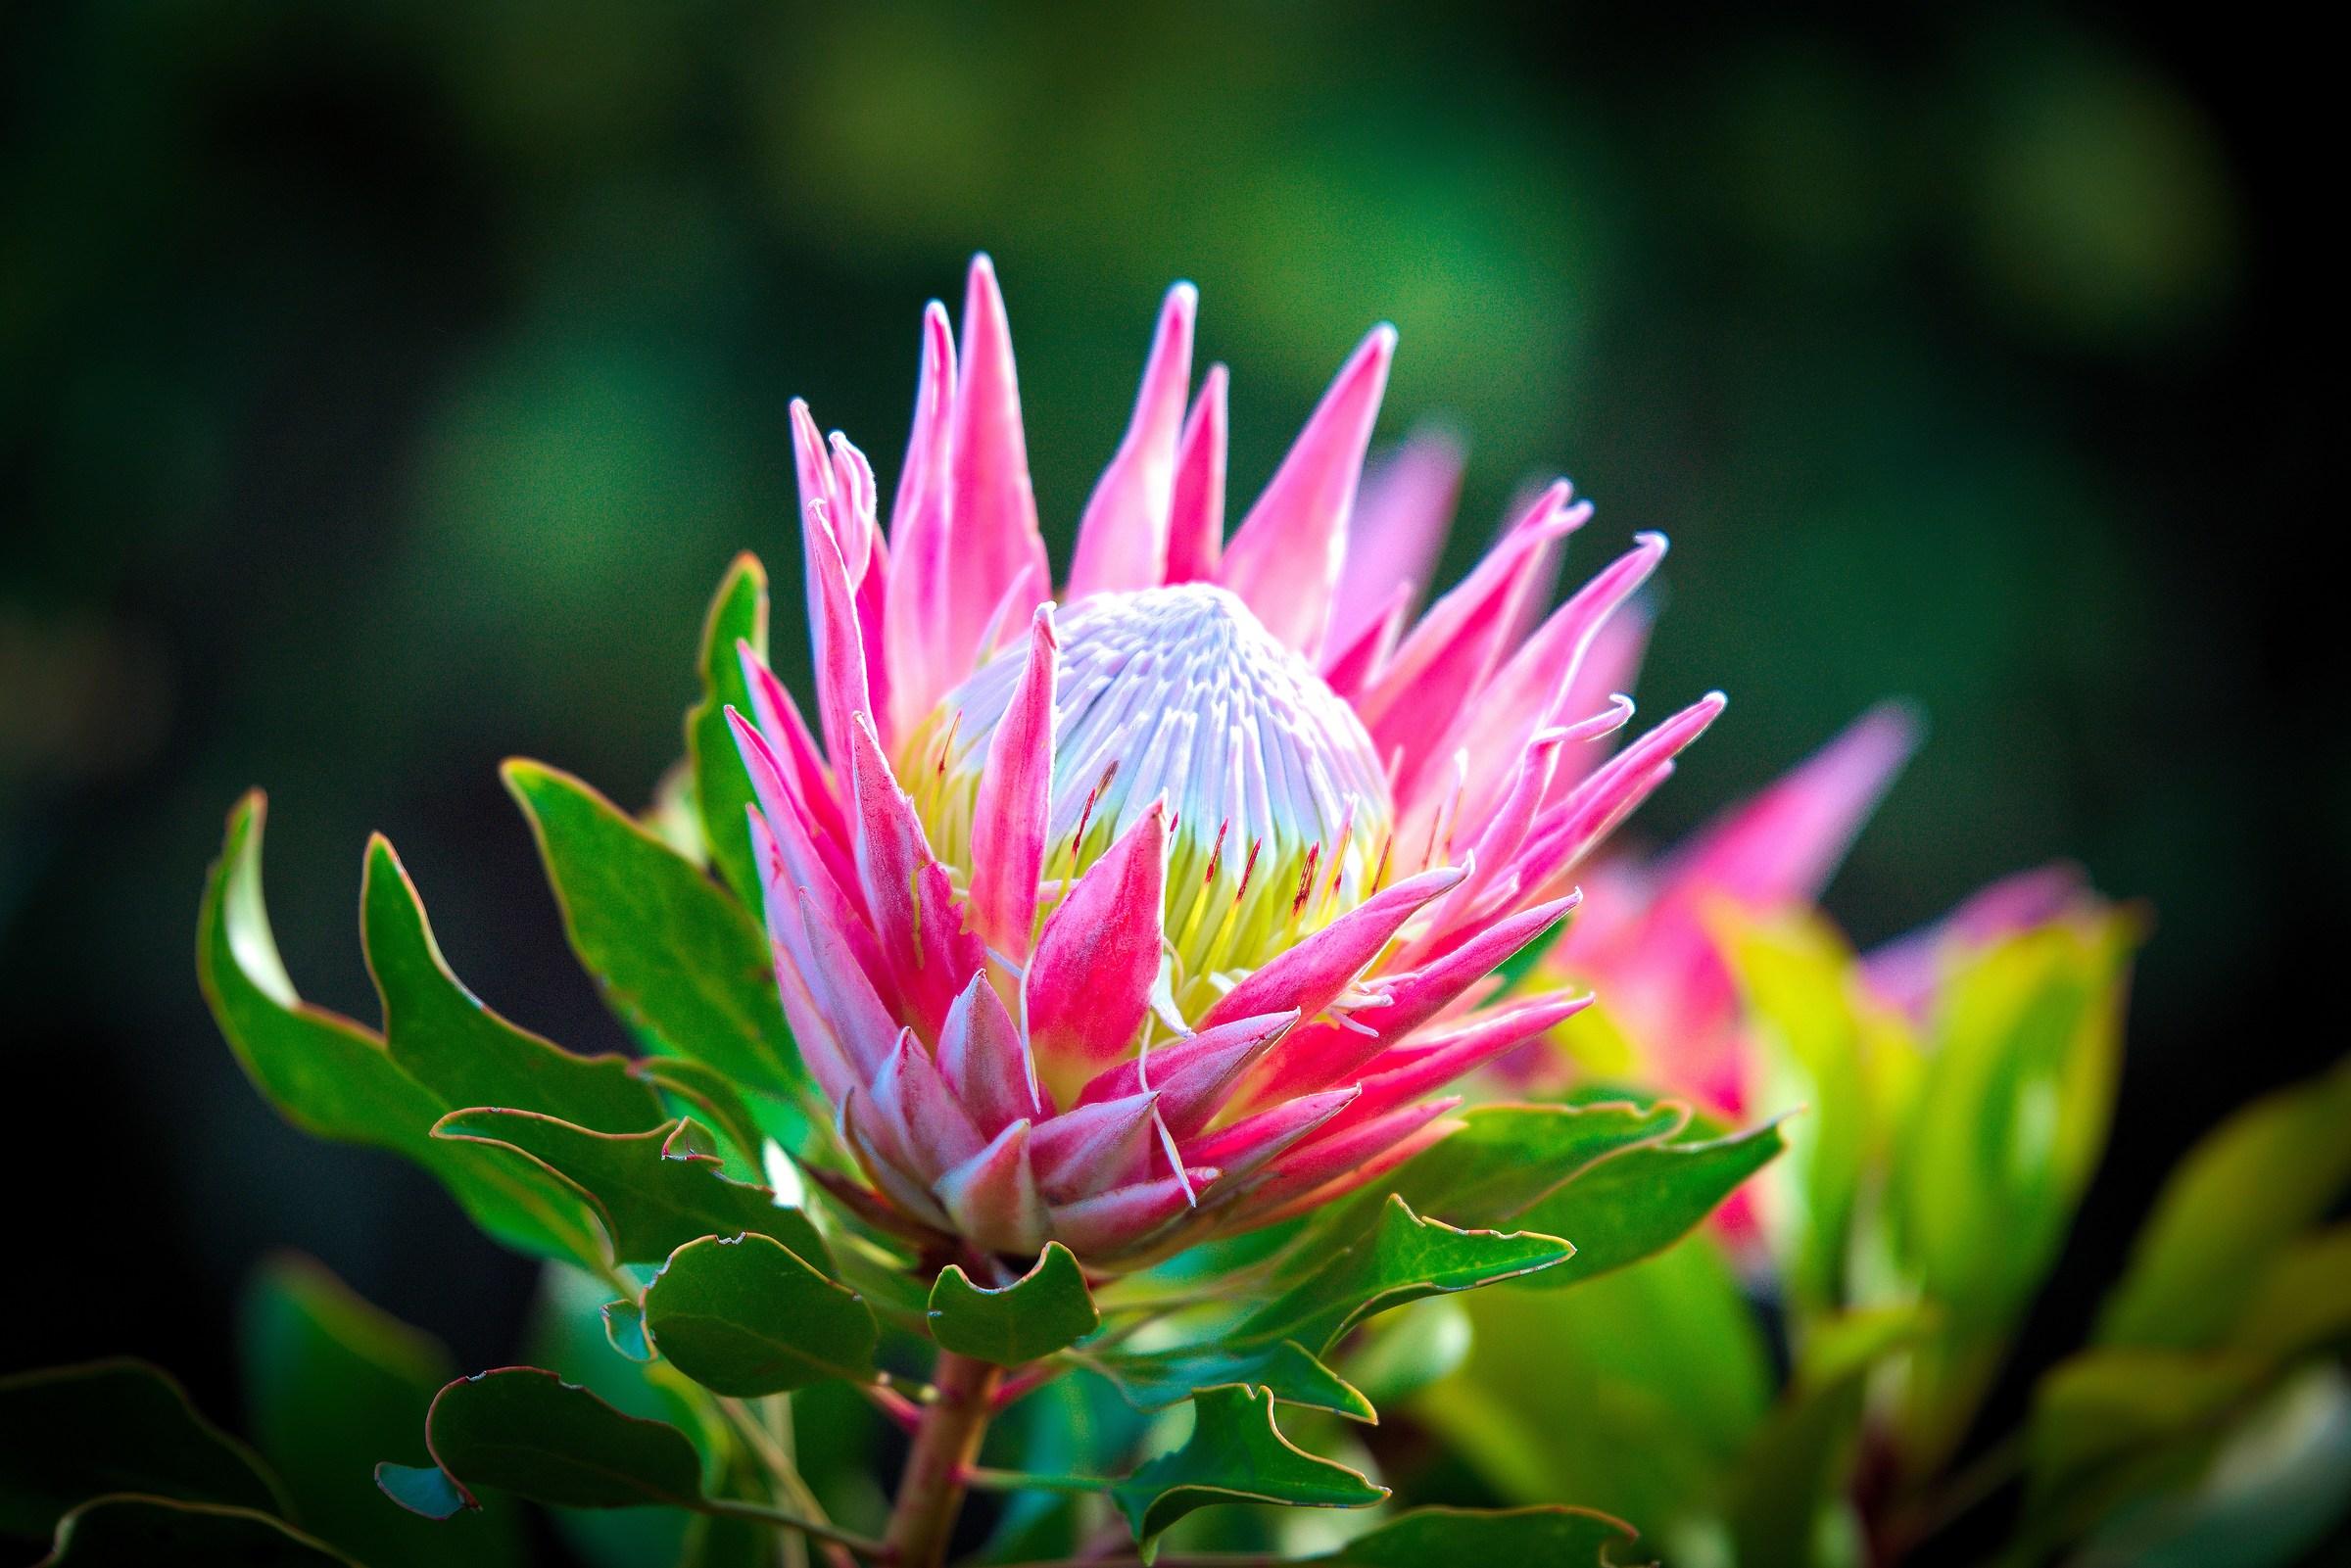 Protea, fiore tipico del Sud Africa...